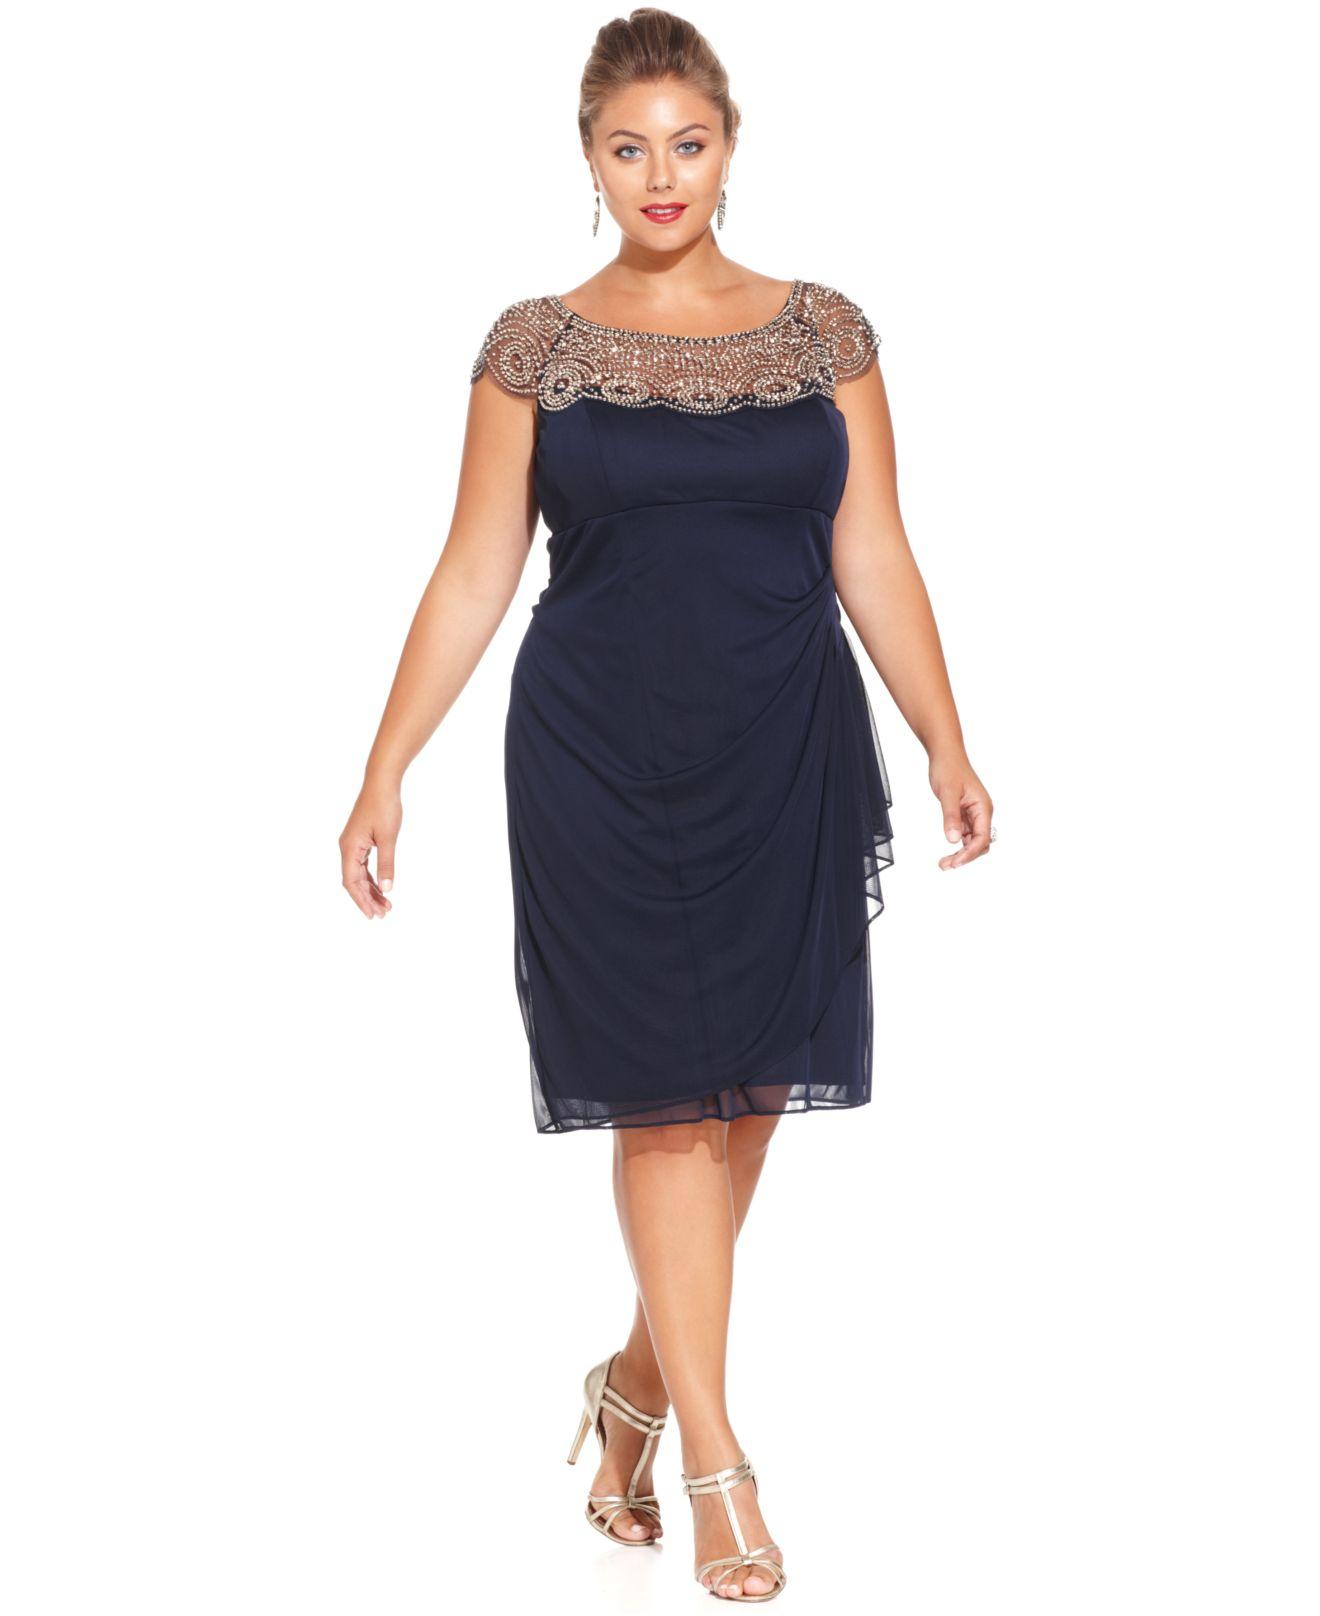 Plus size dress dillards xscape